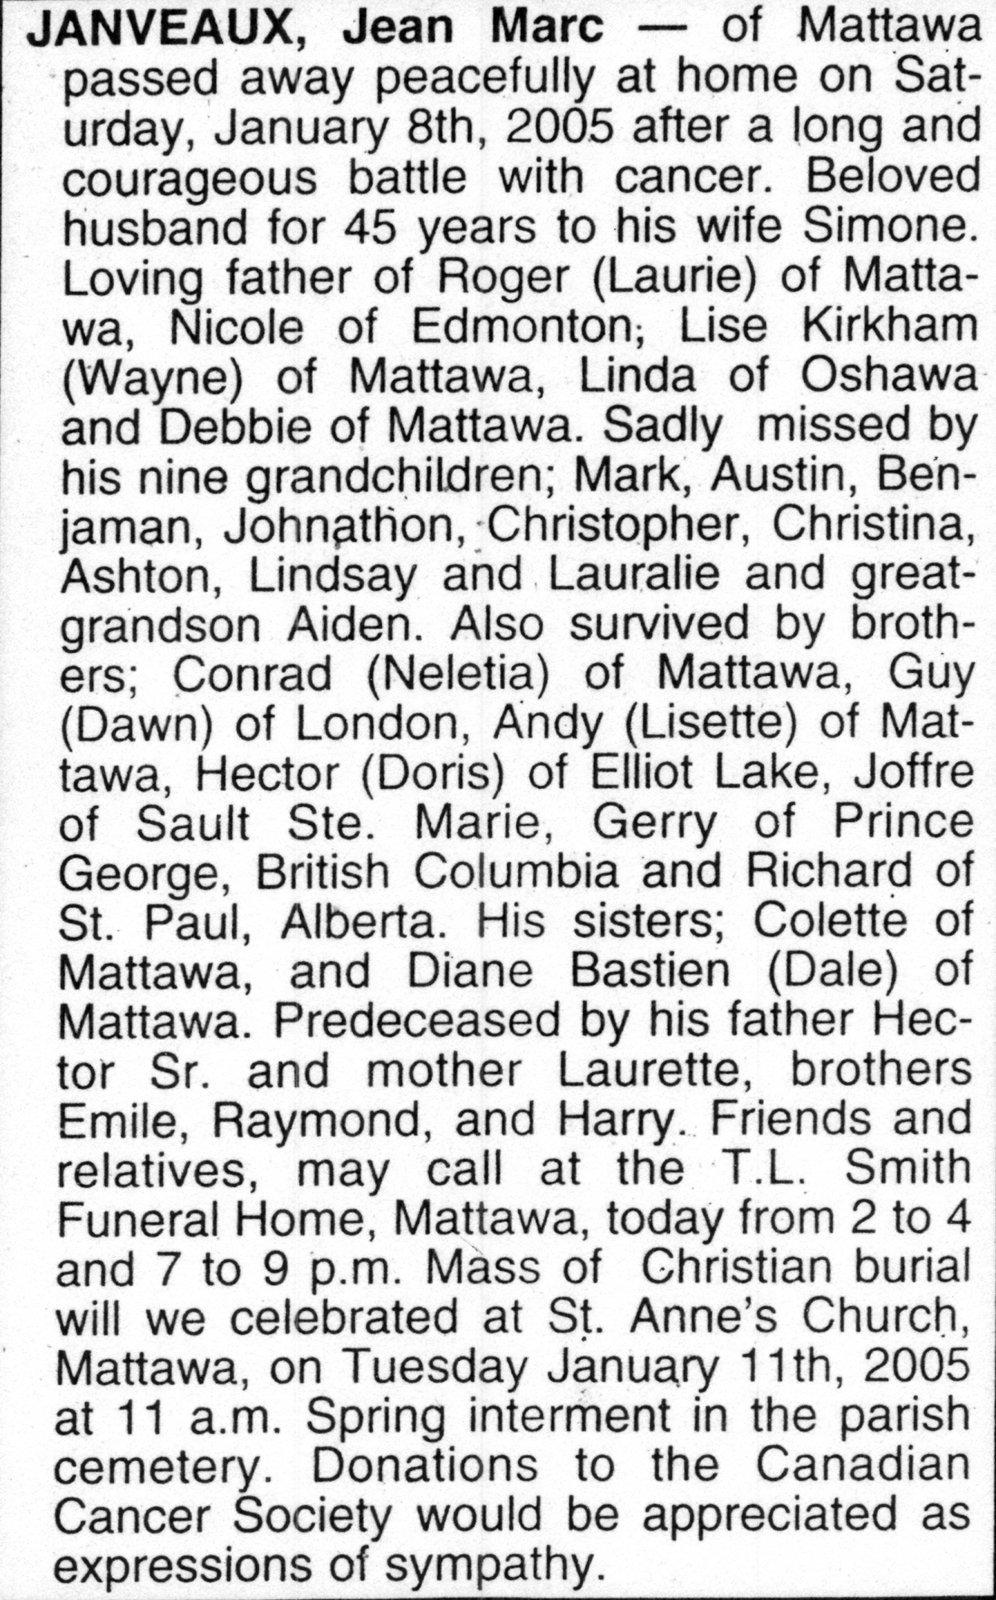 Nécrologie / Obituary Jean Marc Janveaux